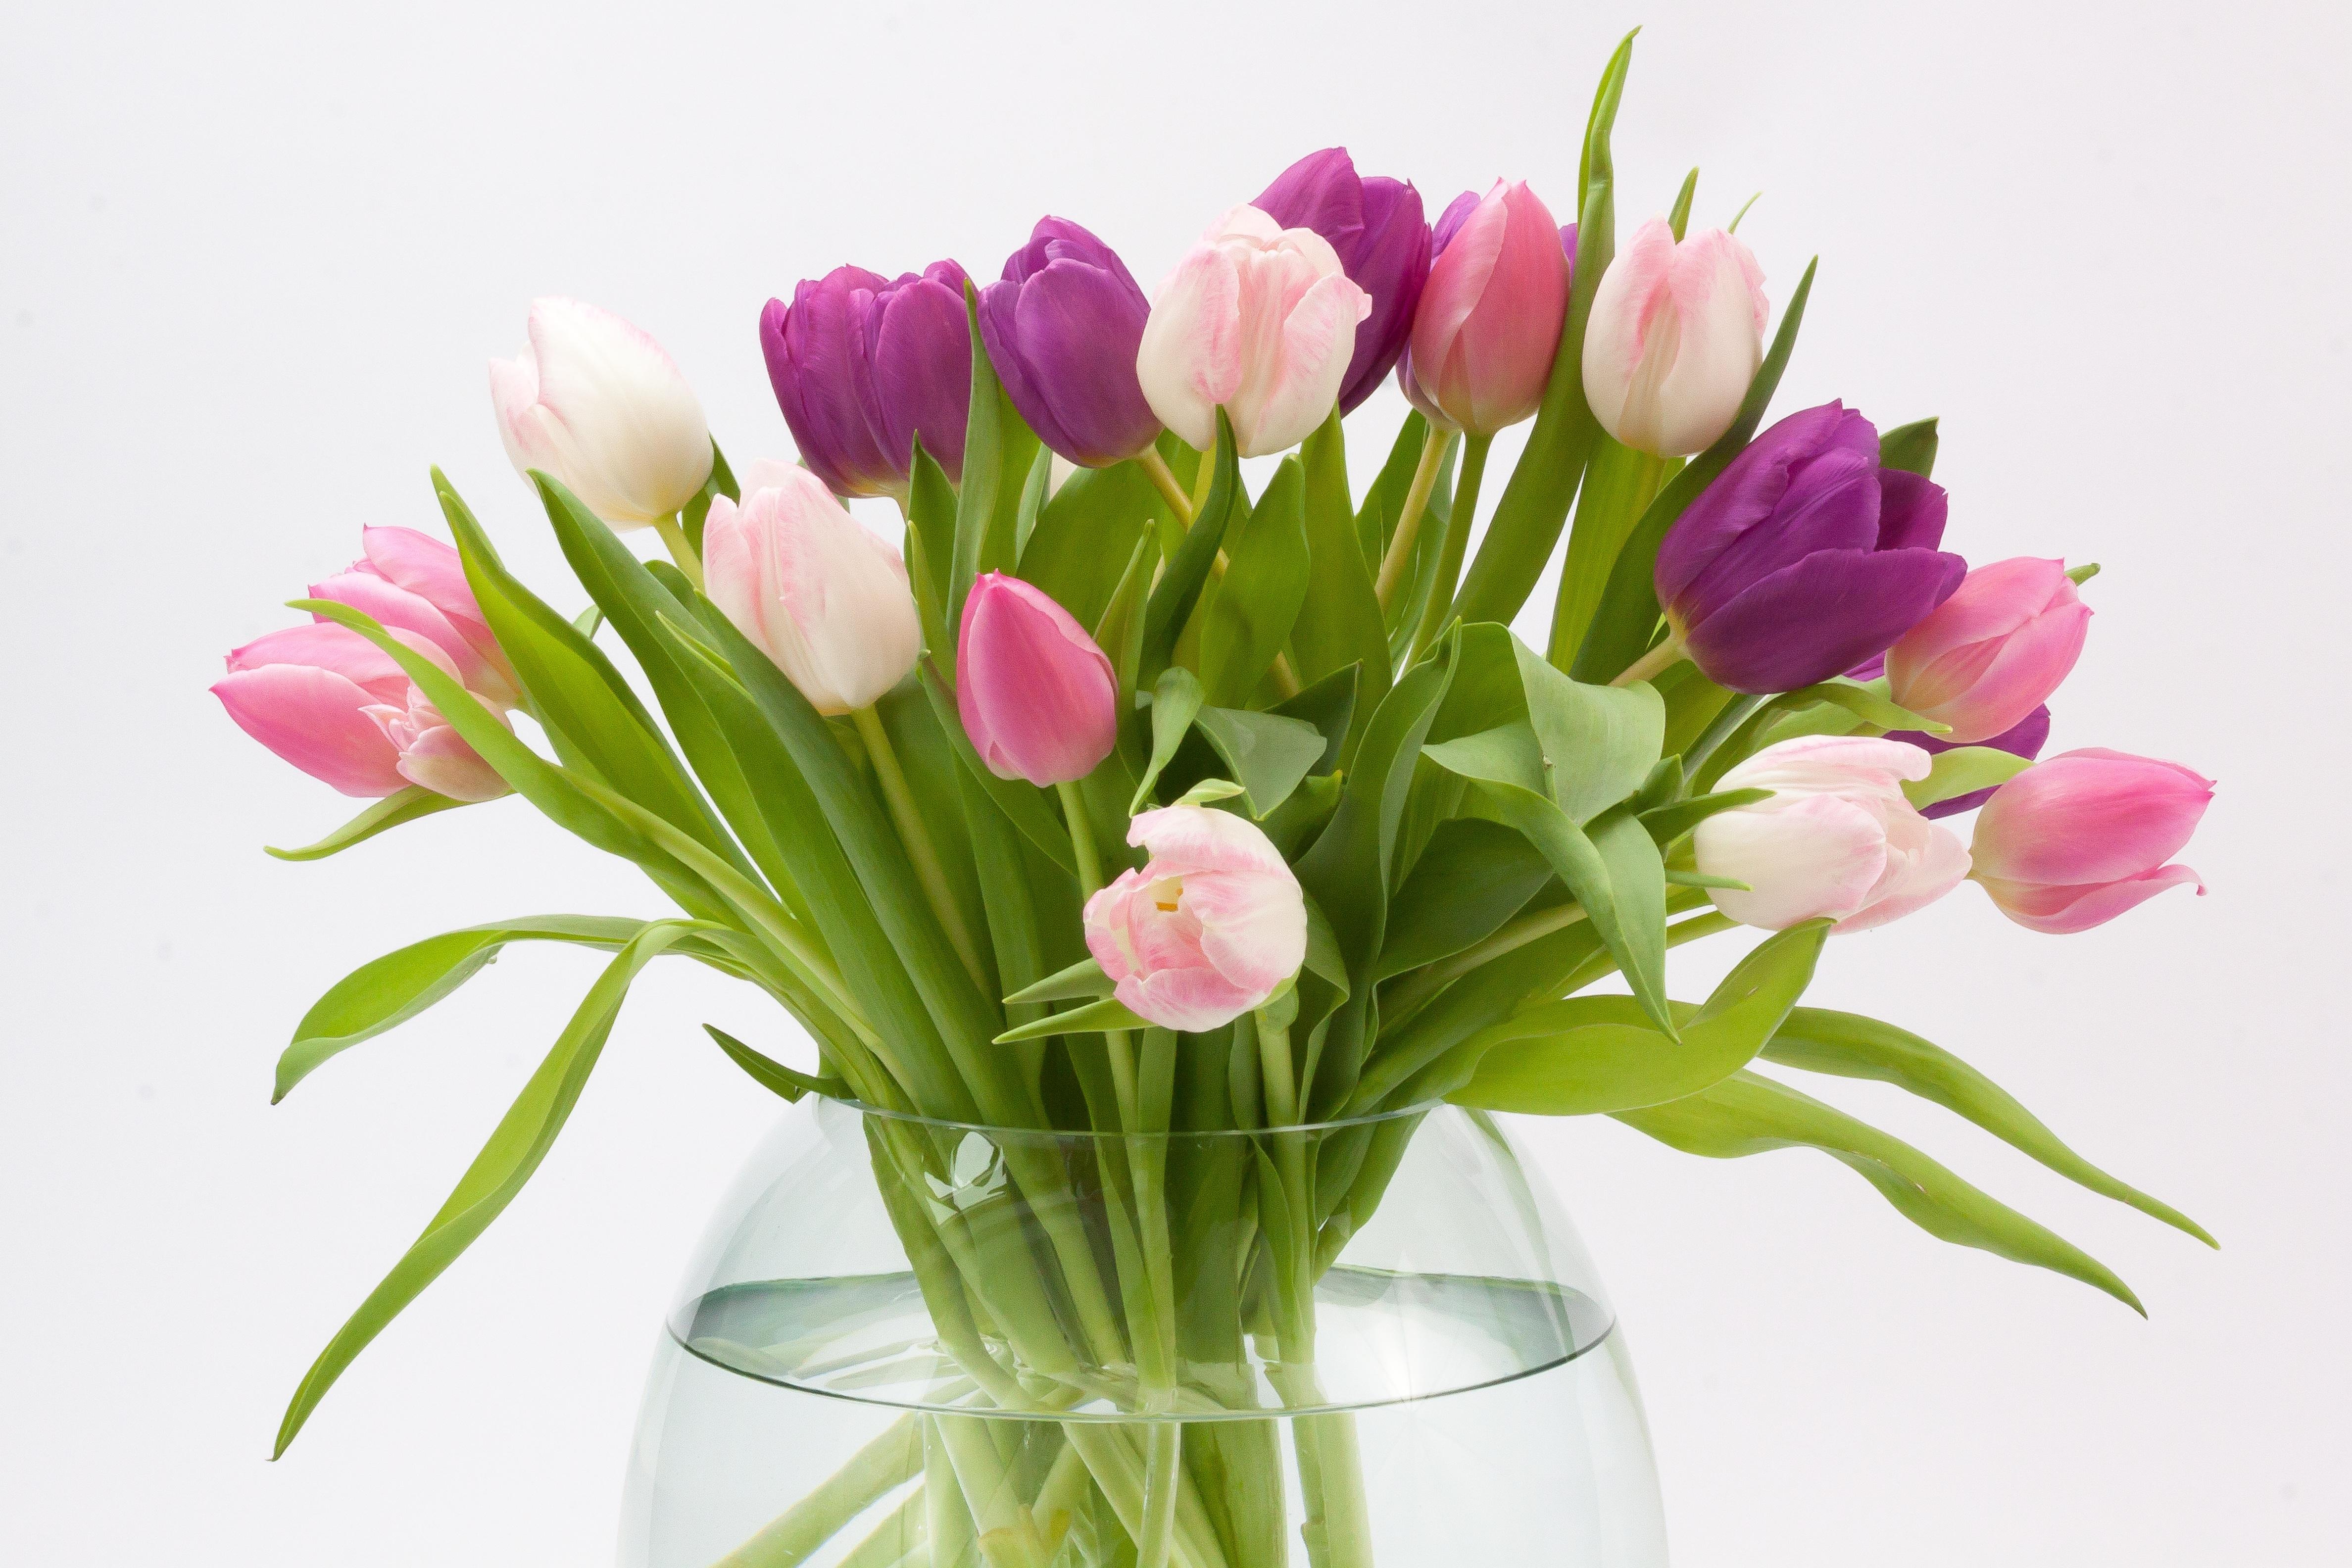 Фото мужчина с тюльпанами тогда